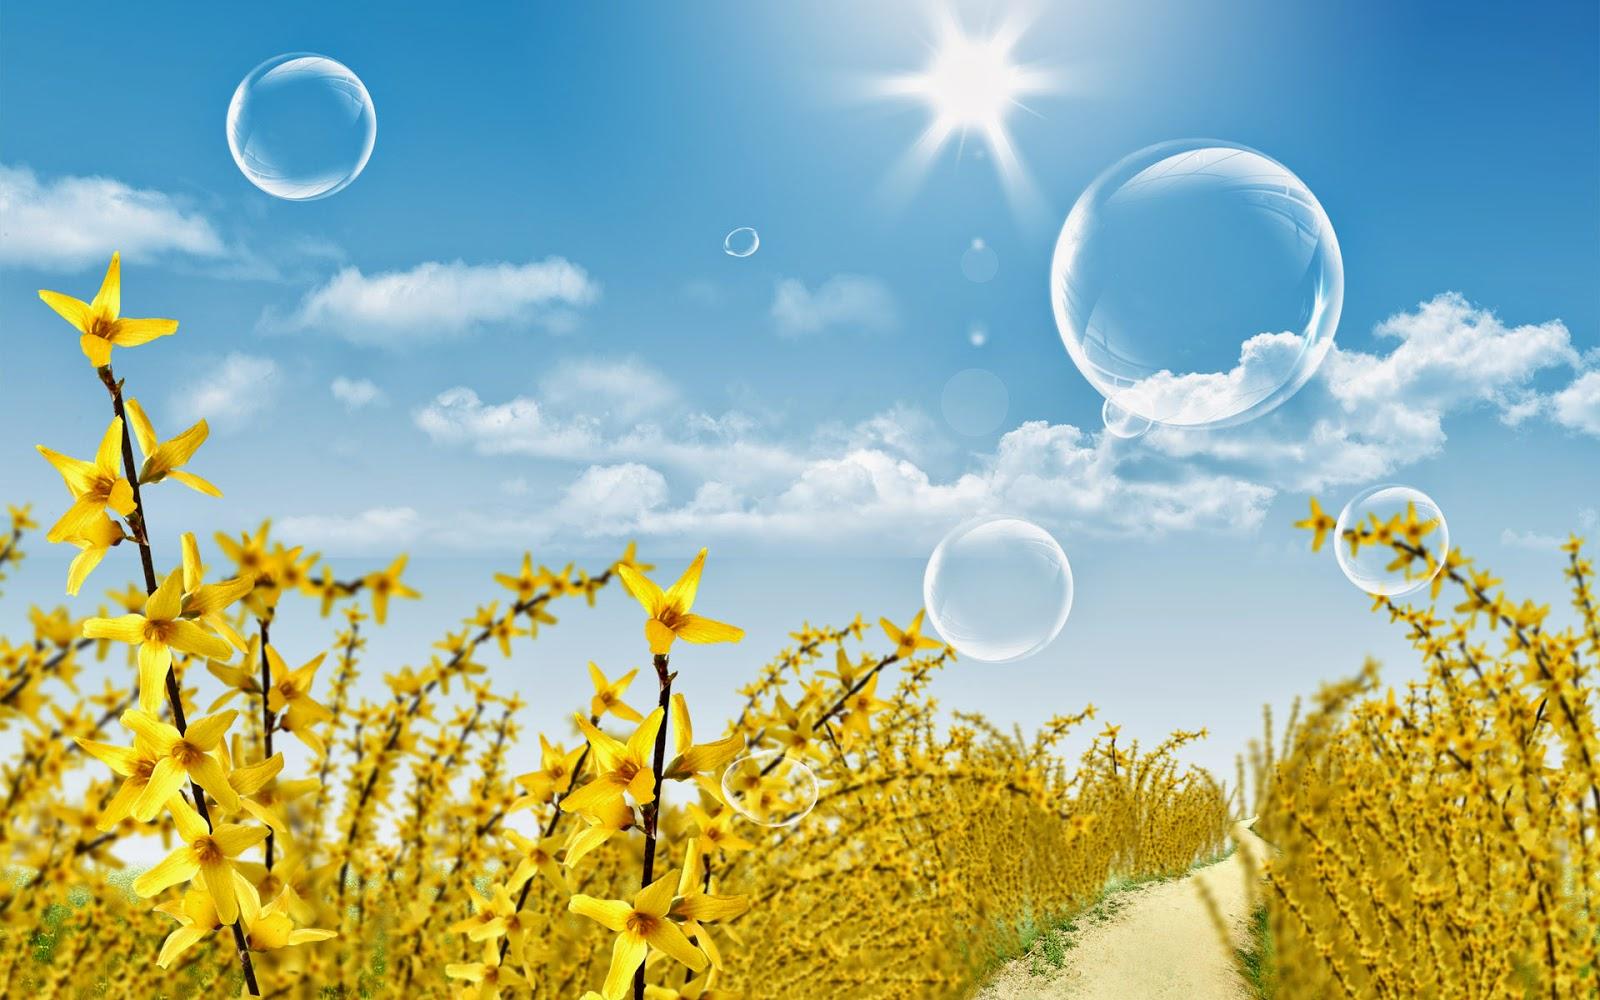 خلفيات طبيعية لفصل الصيف